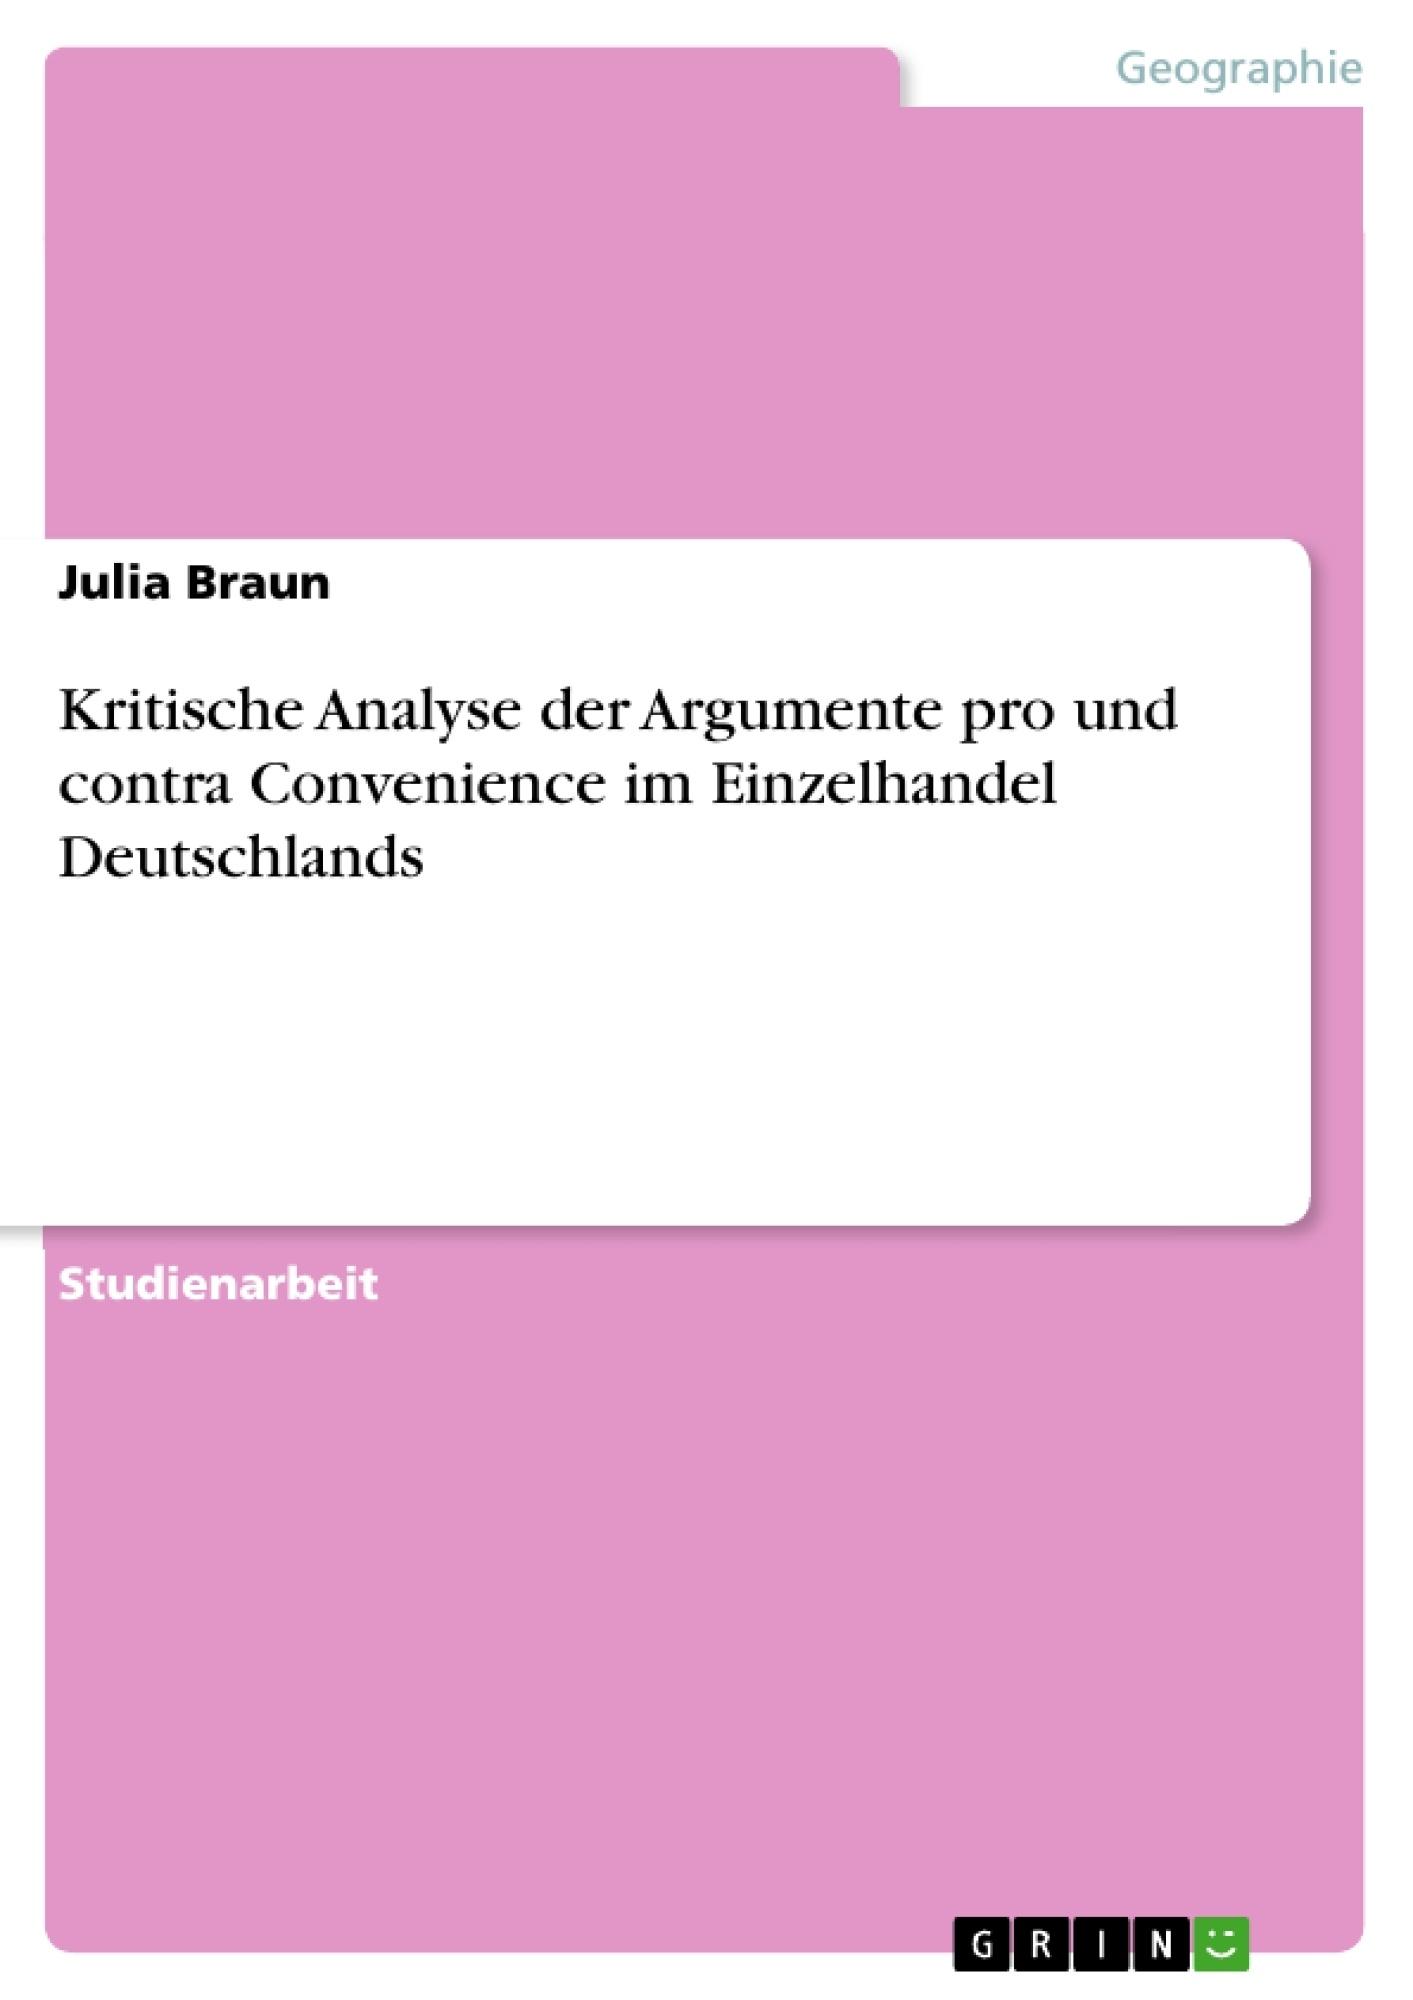 Titel: Kritische Analyse der Argumente pro und contra Convenience im Einzelhandel Deutschlands